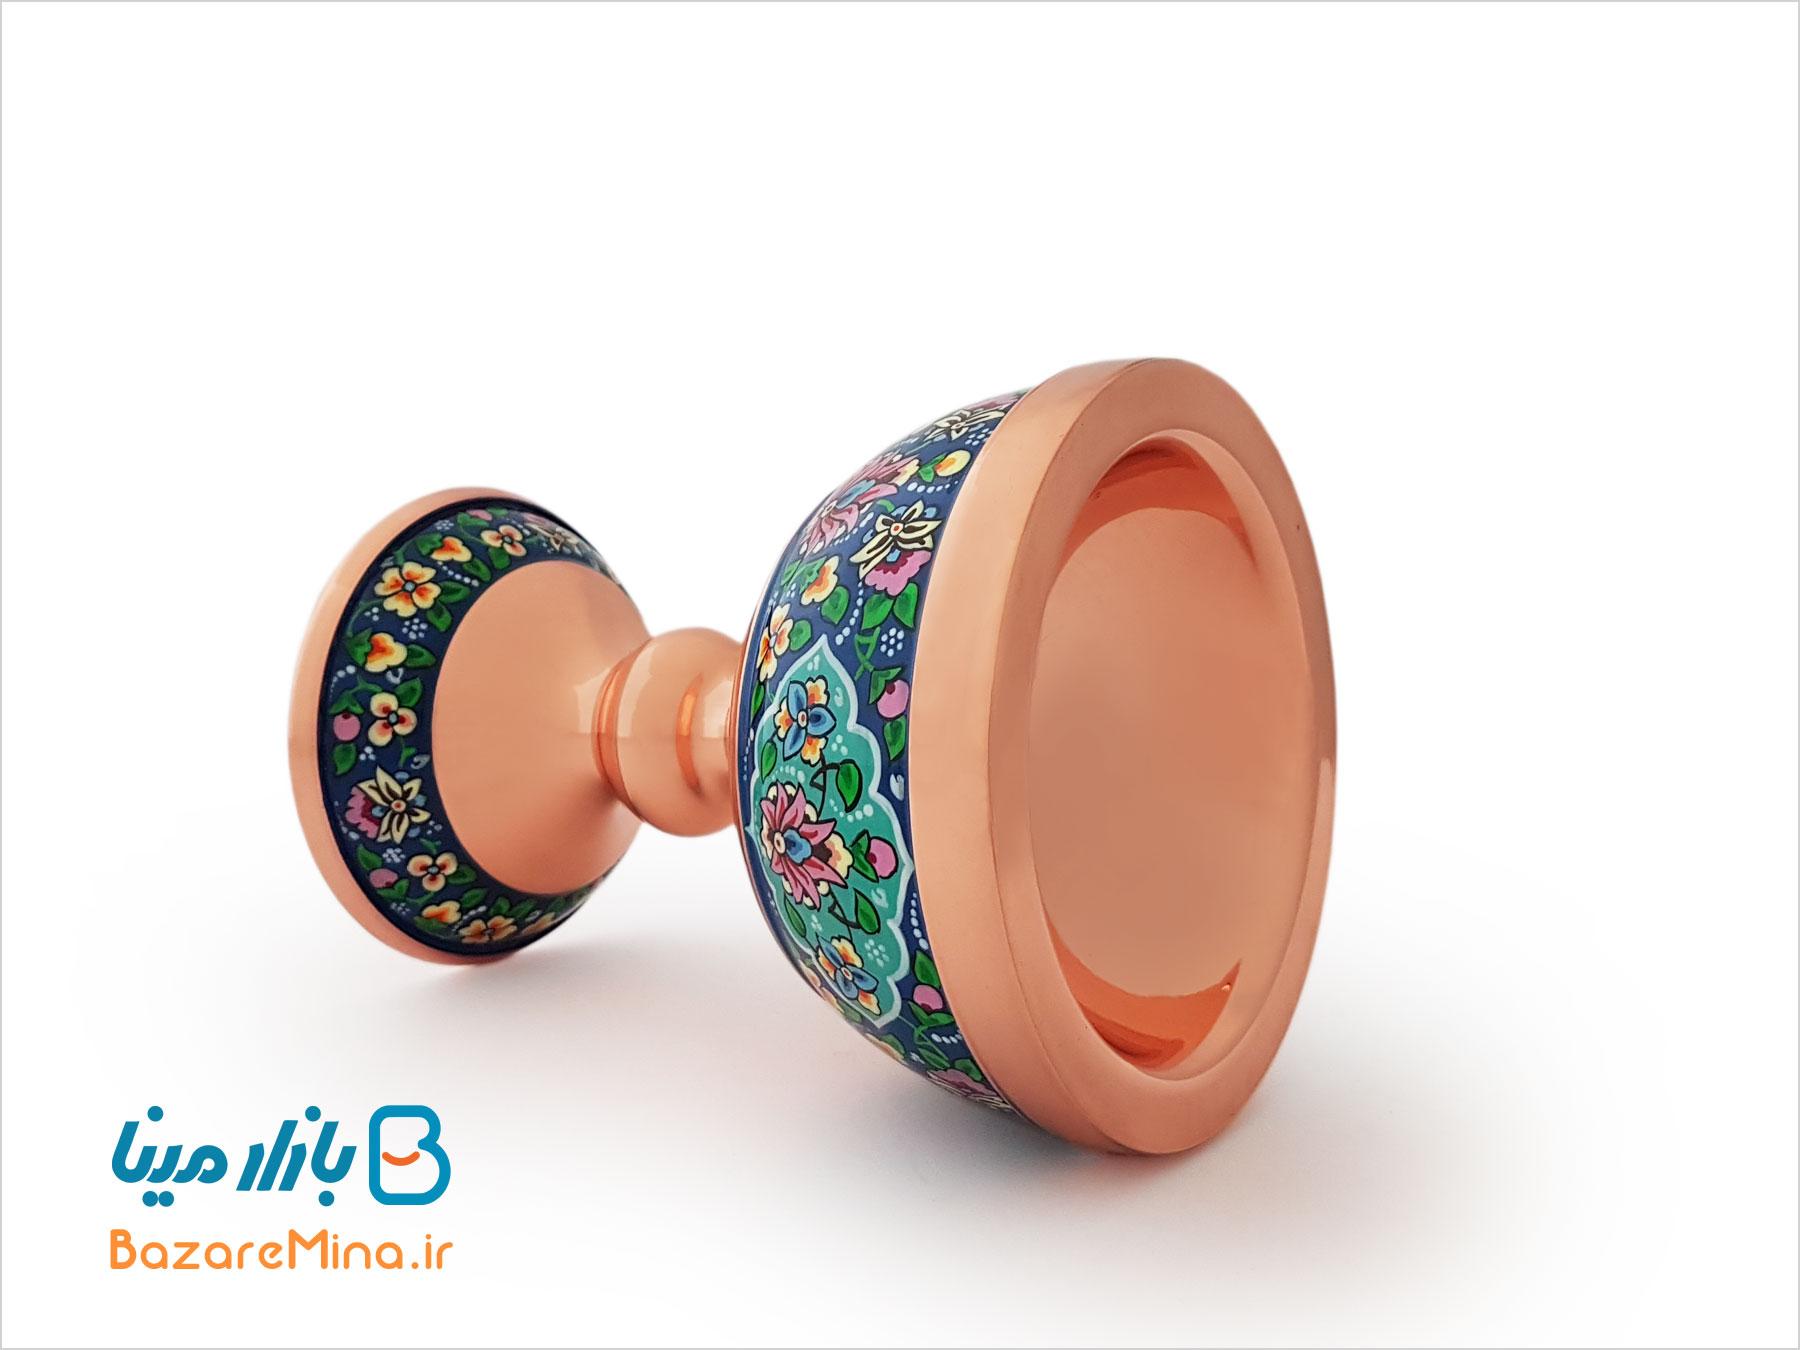 سنگاب مس و پرداز اصفهان ارتفاع 16 سانتی